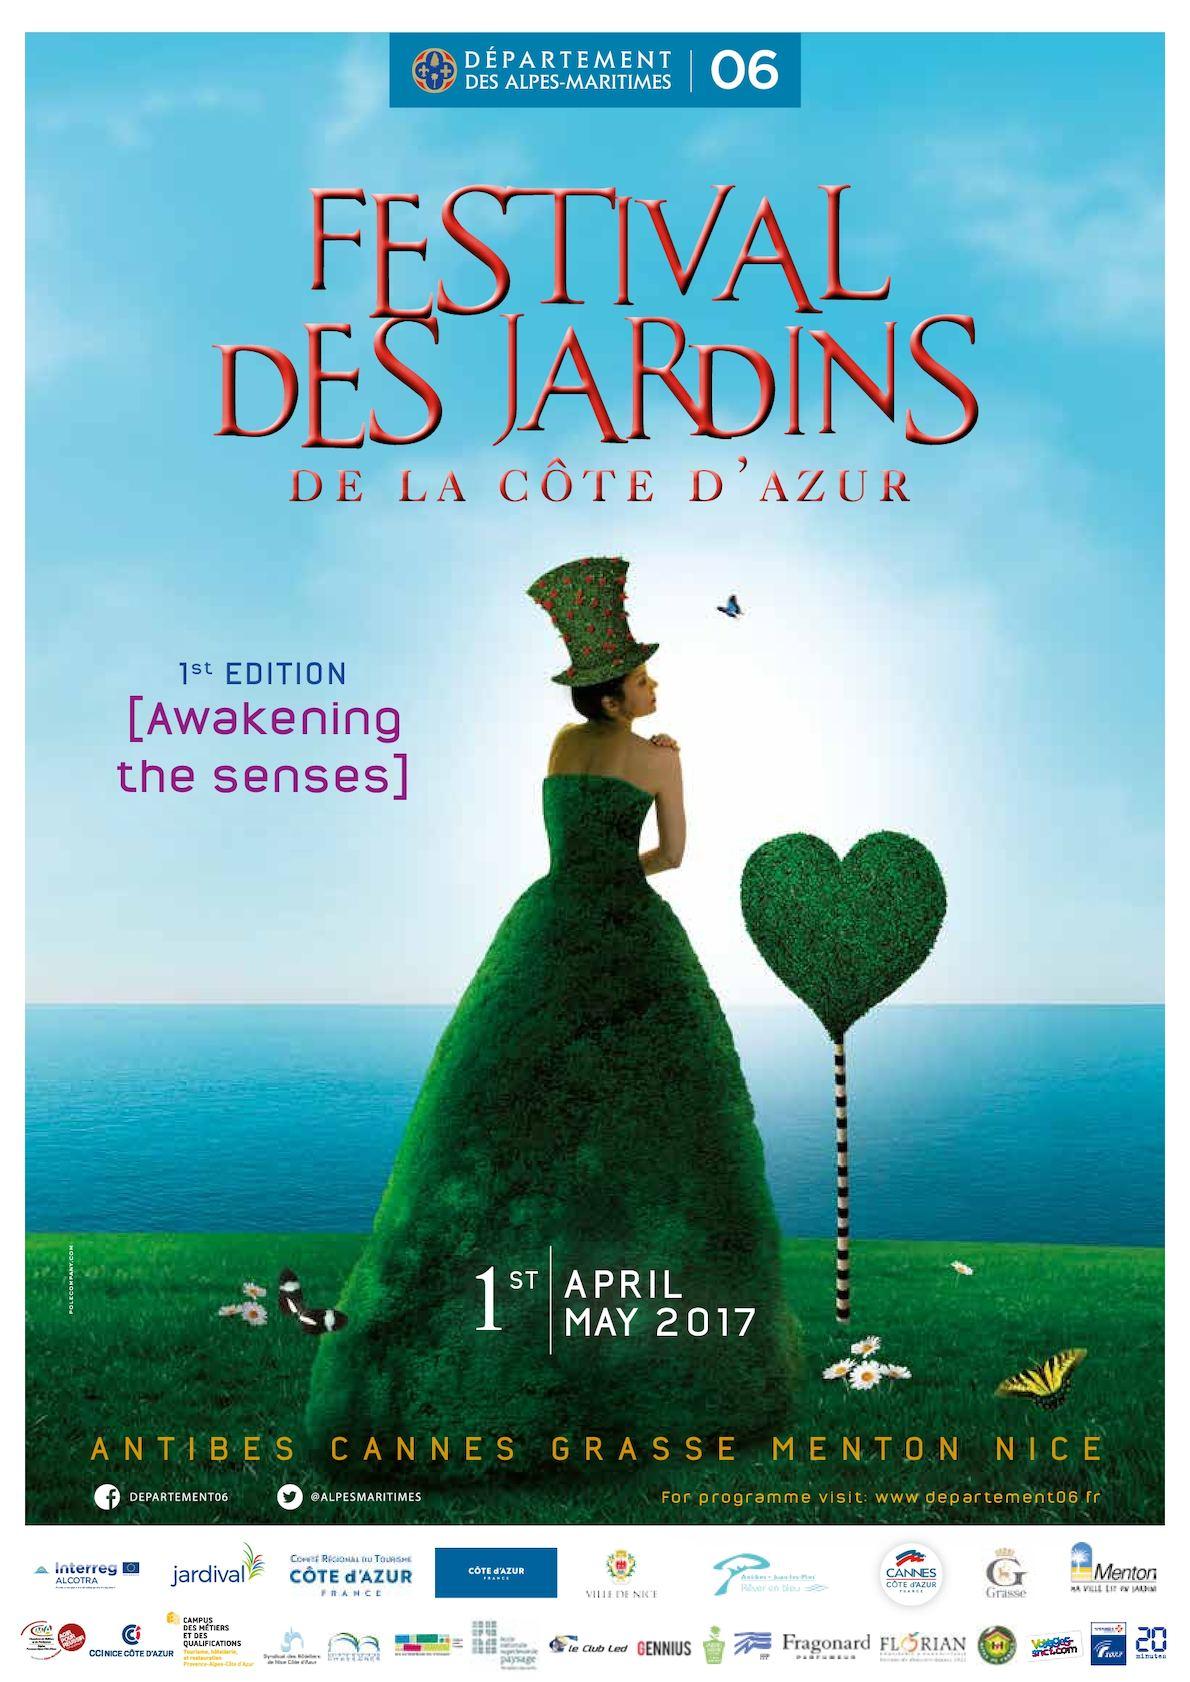 Festival Des Jardins Chaumont Sur Loire 2009 calaméo - dossier de presse festival des jardins 2017 gb bd